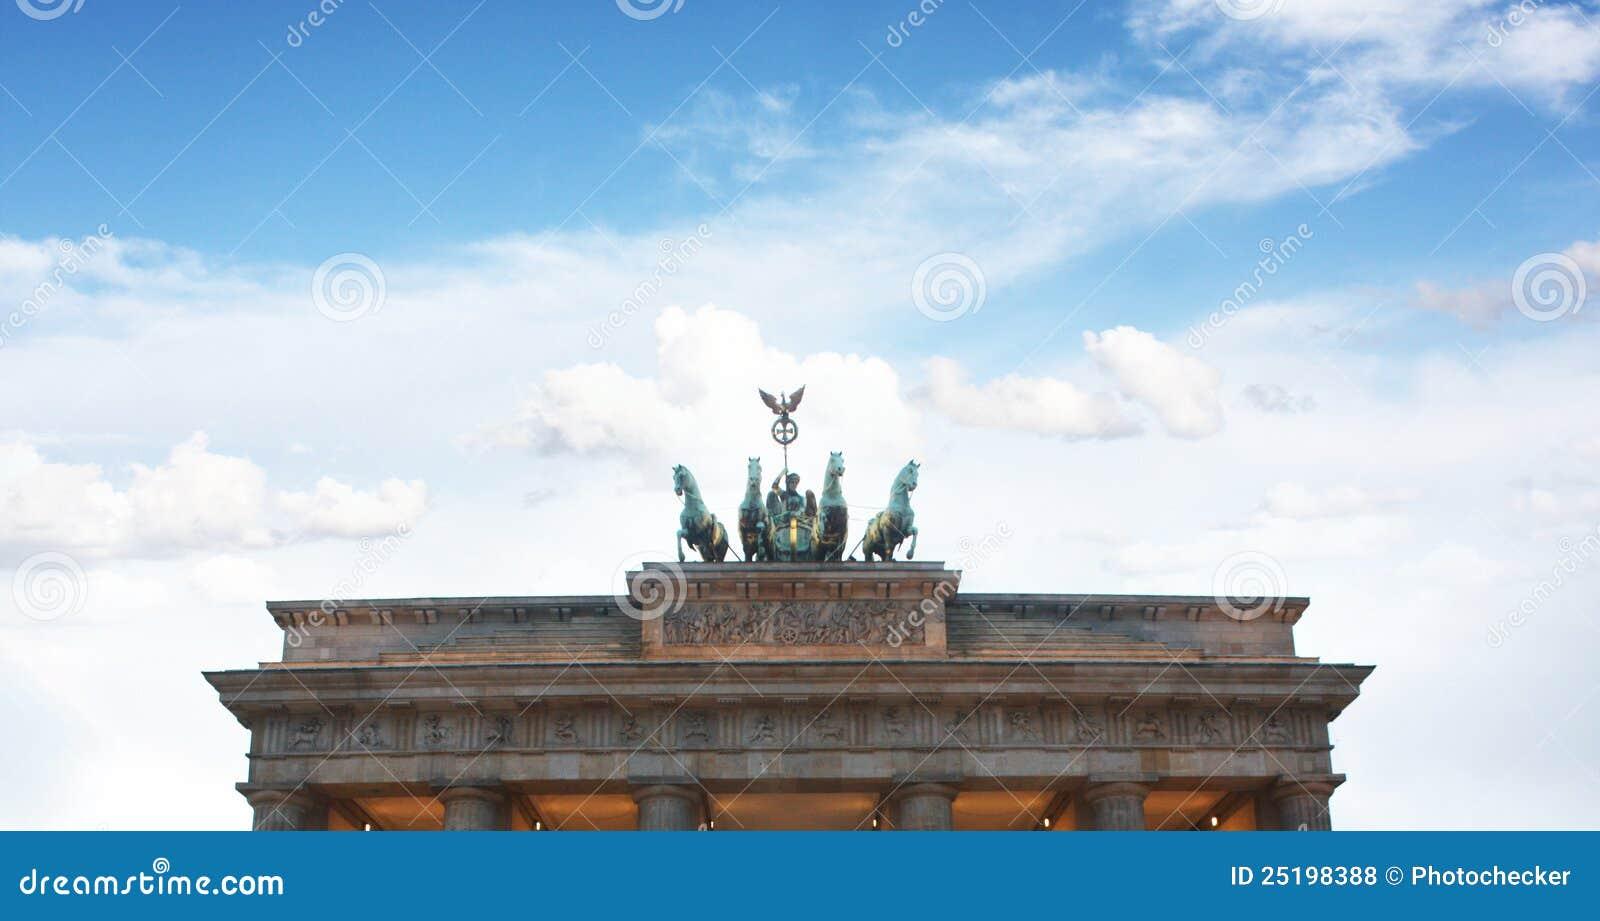 Architettura, Berlino